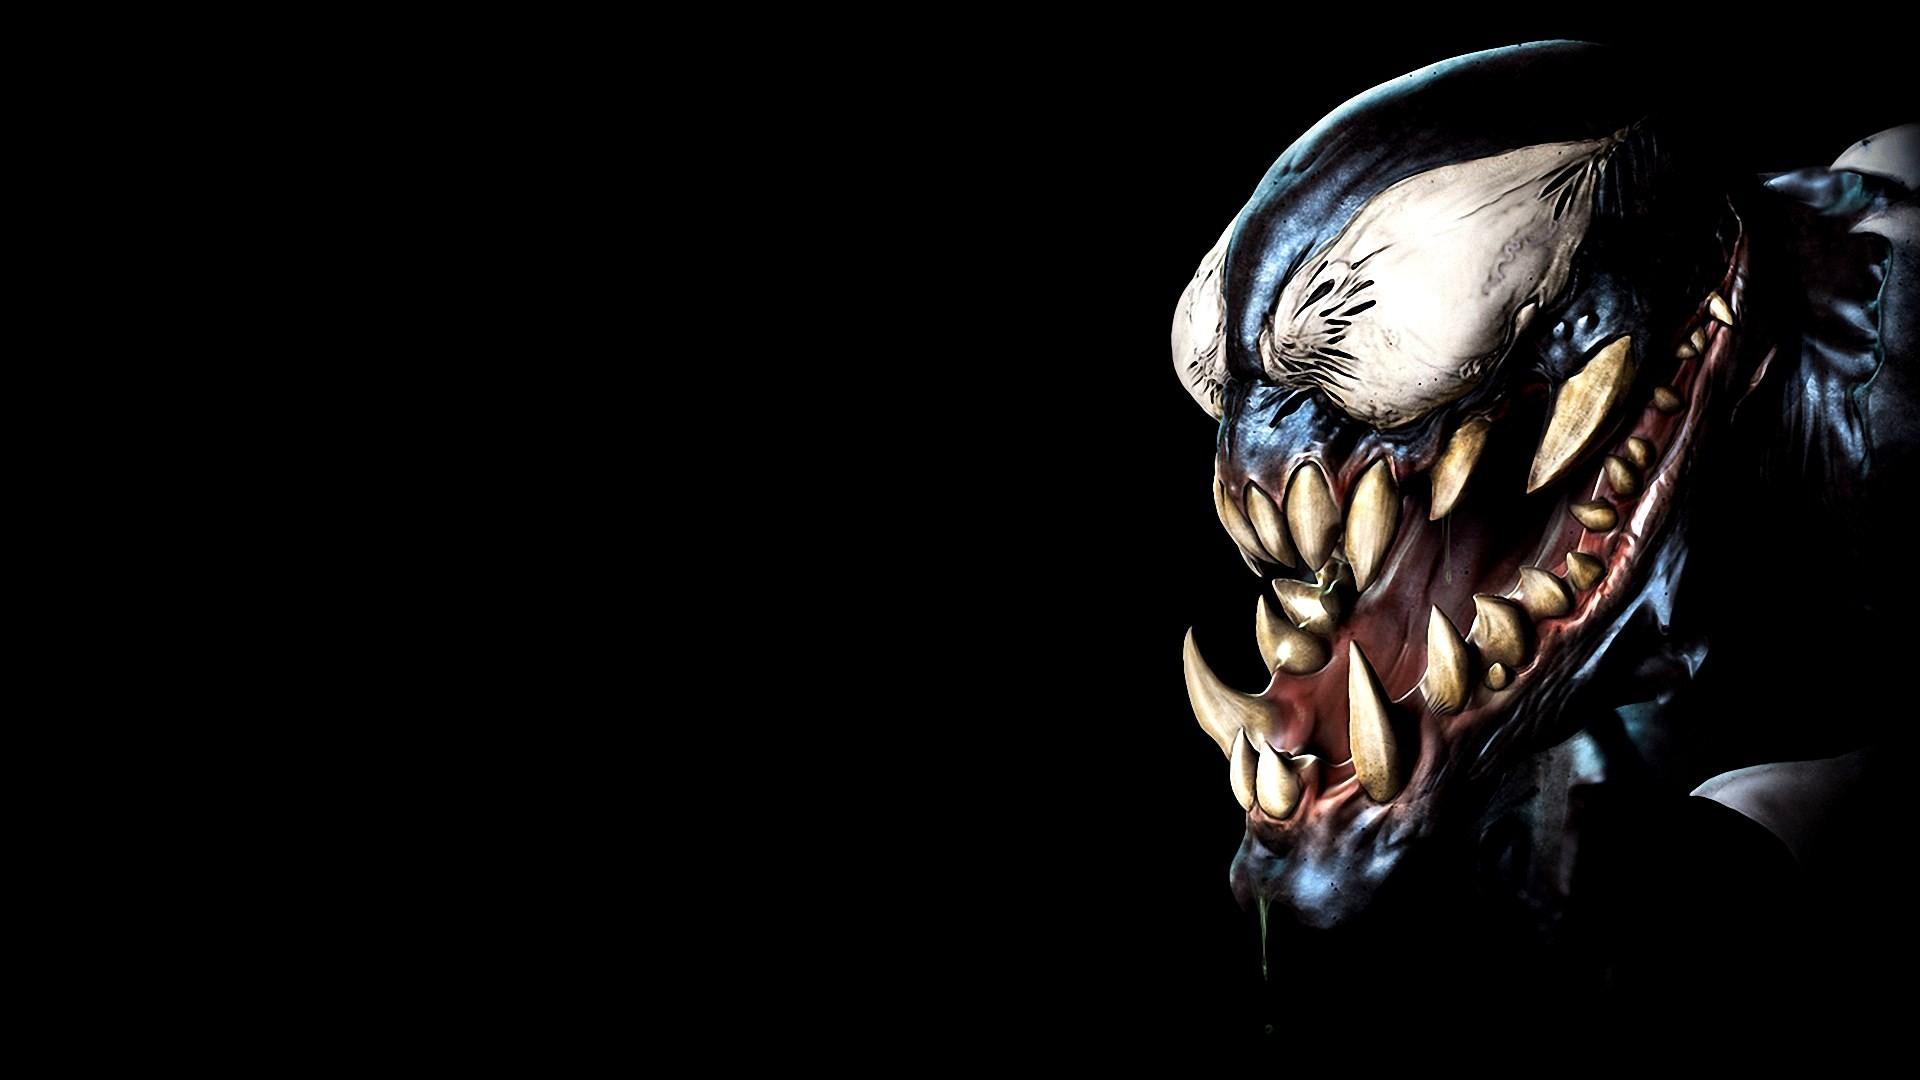 Venom download wallpapers